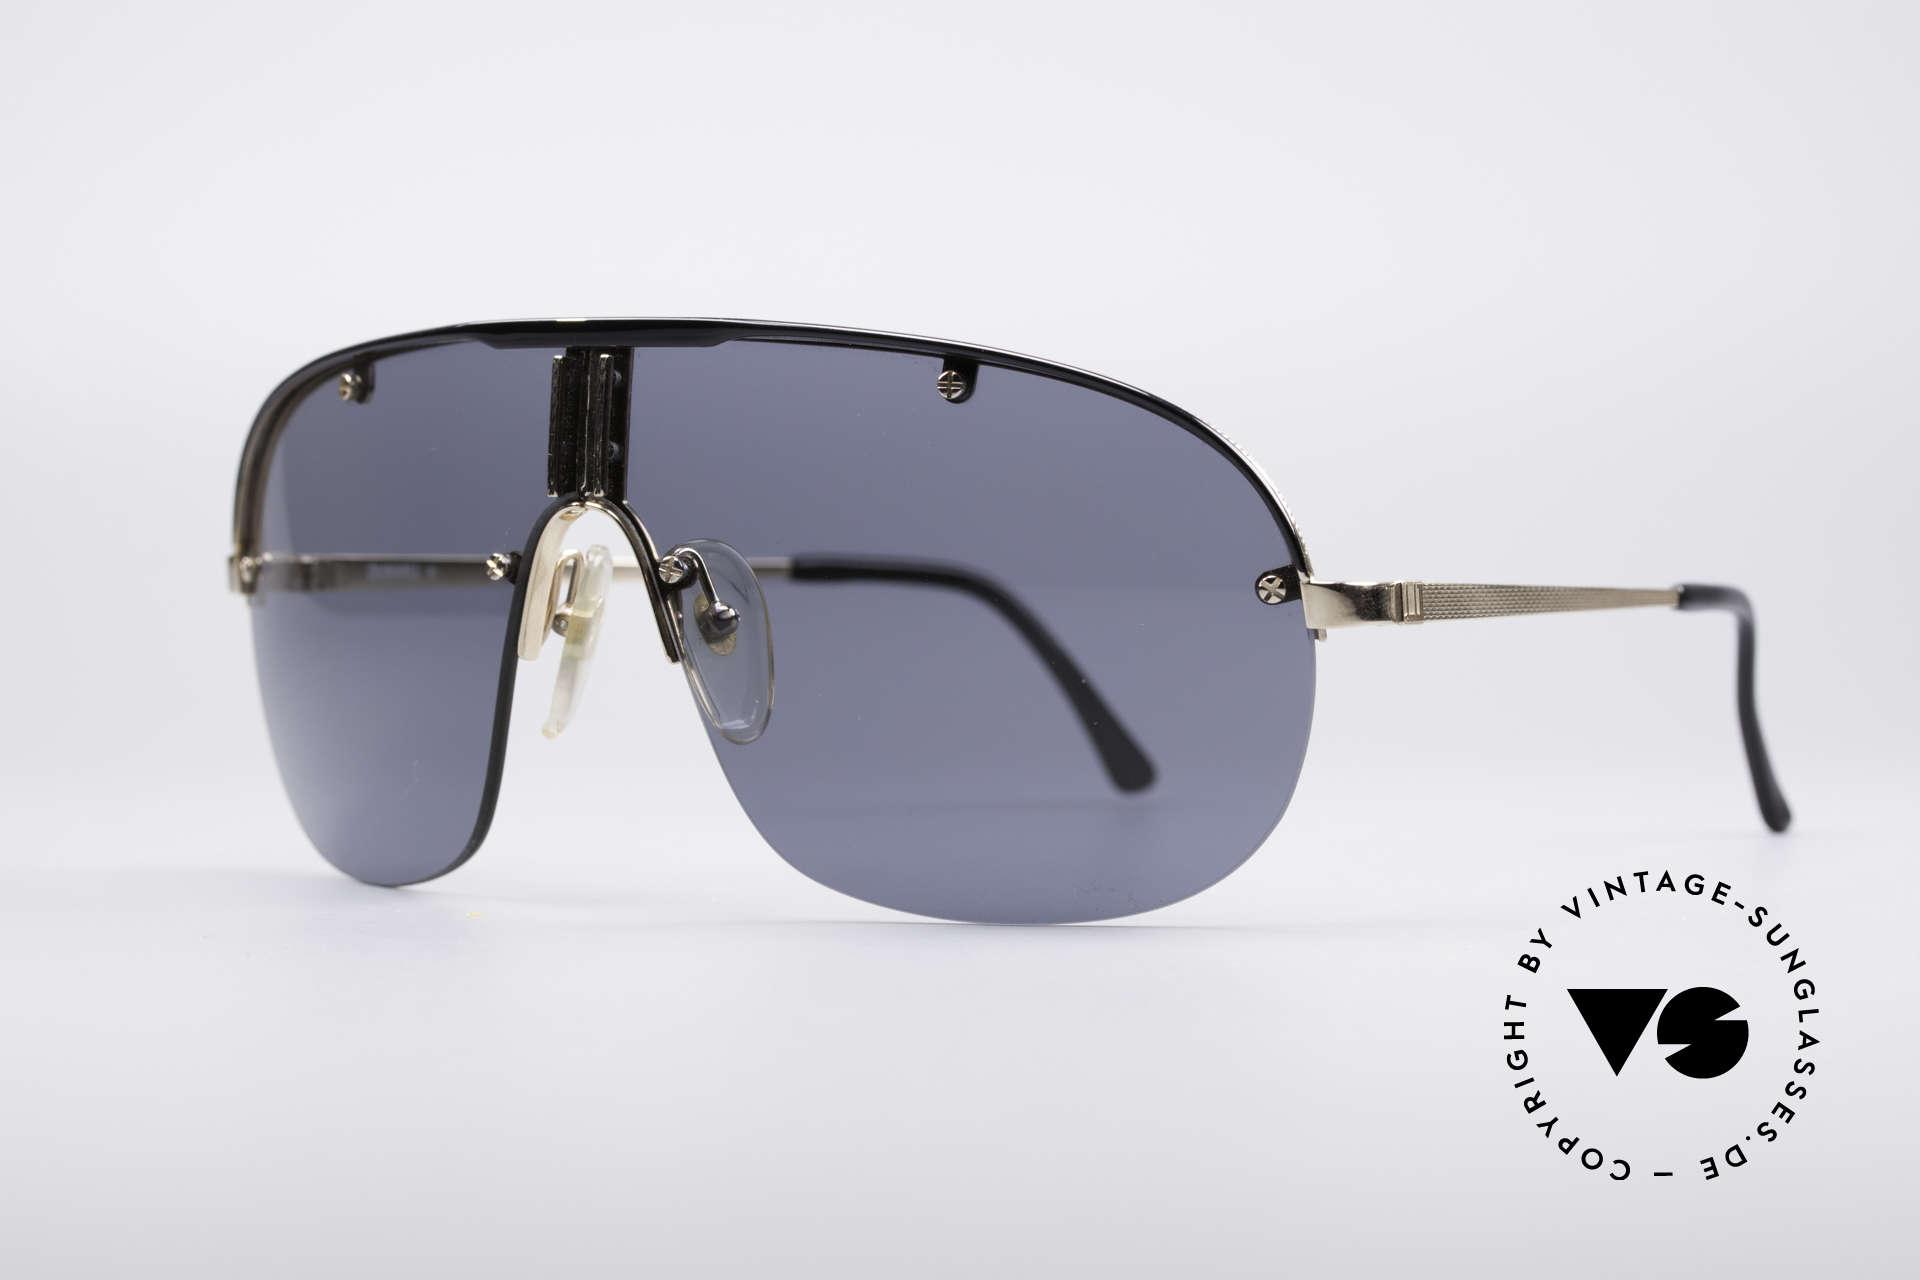 Dunhill 6102 90er Herren Sonnenbrille, genialer flexibler Rahmen für idealen Tragekomfort, Passend für Herren